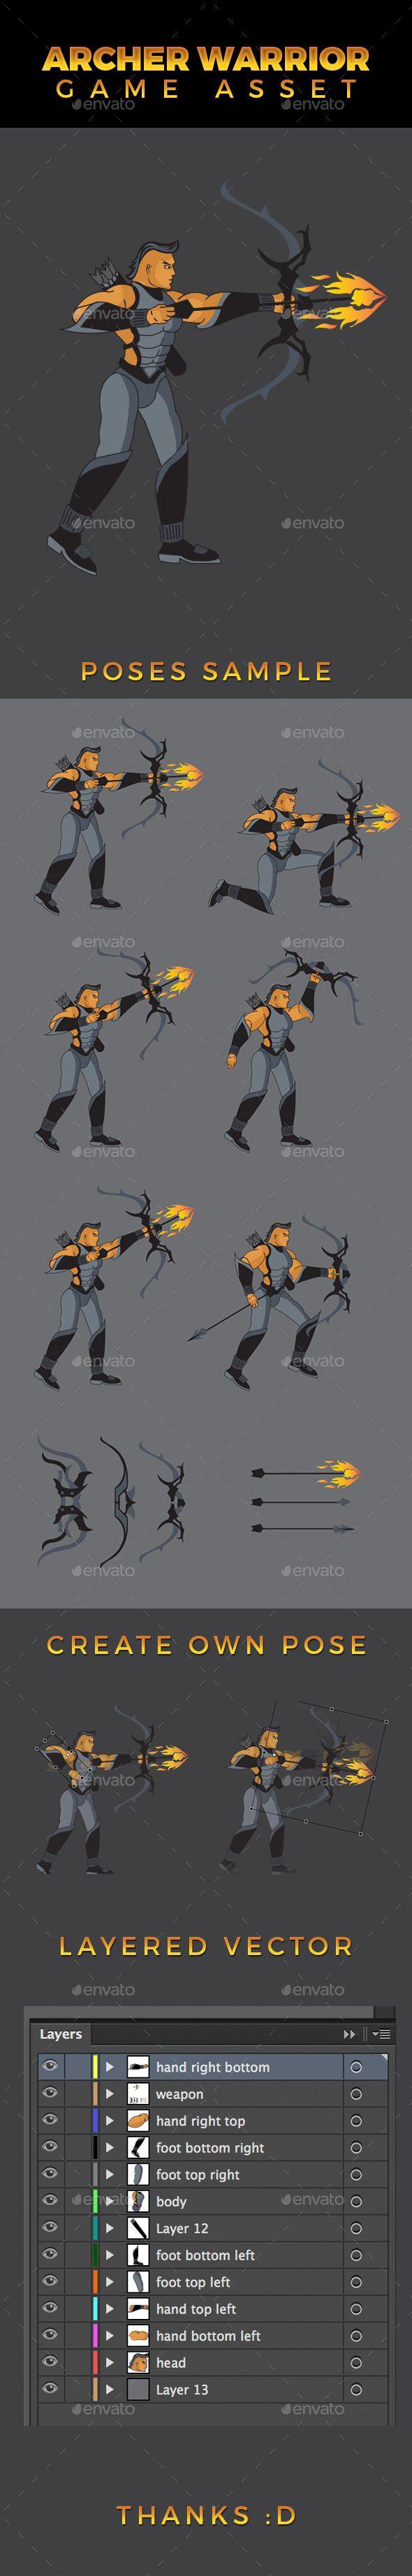 Archer Warrior Game Asset